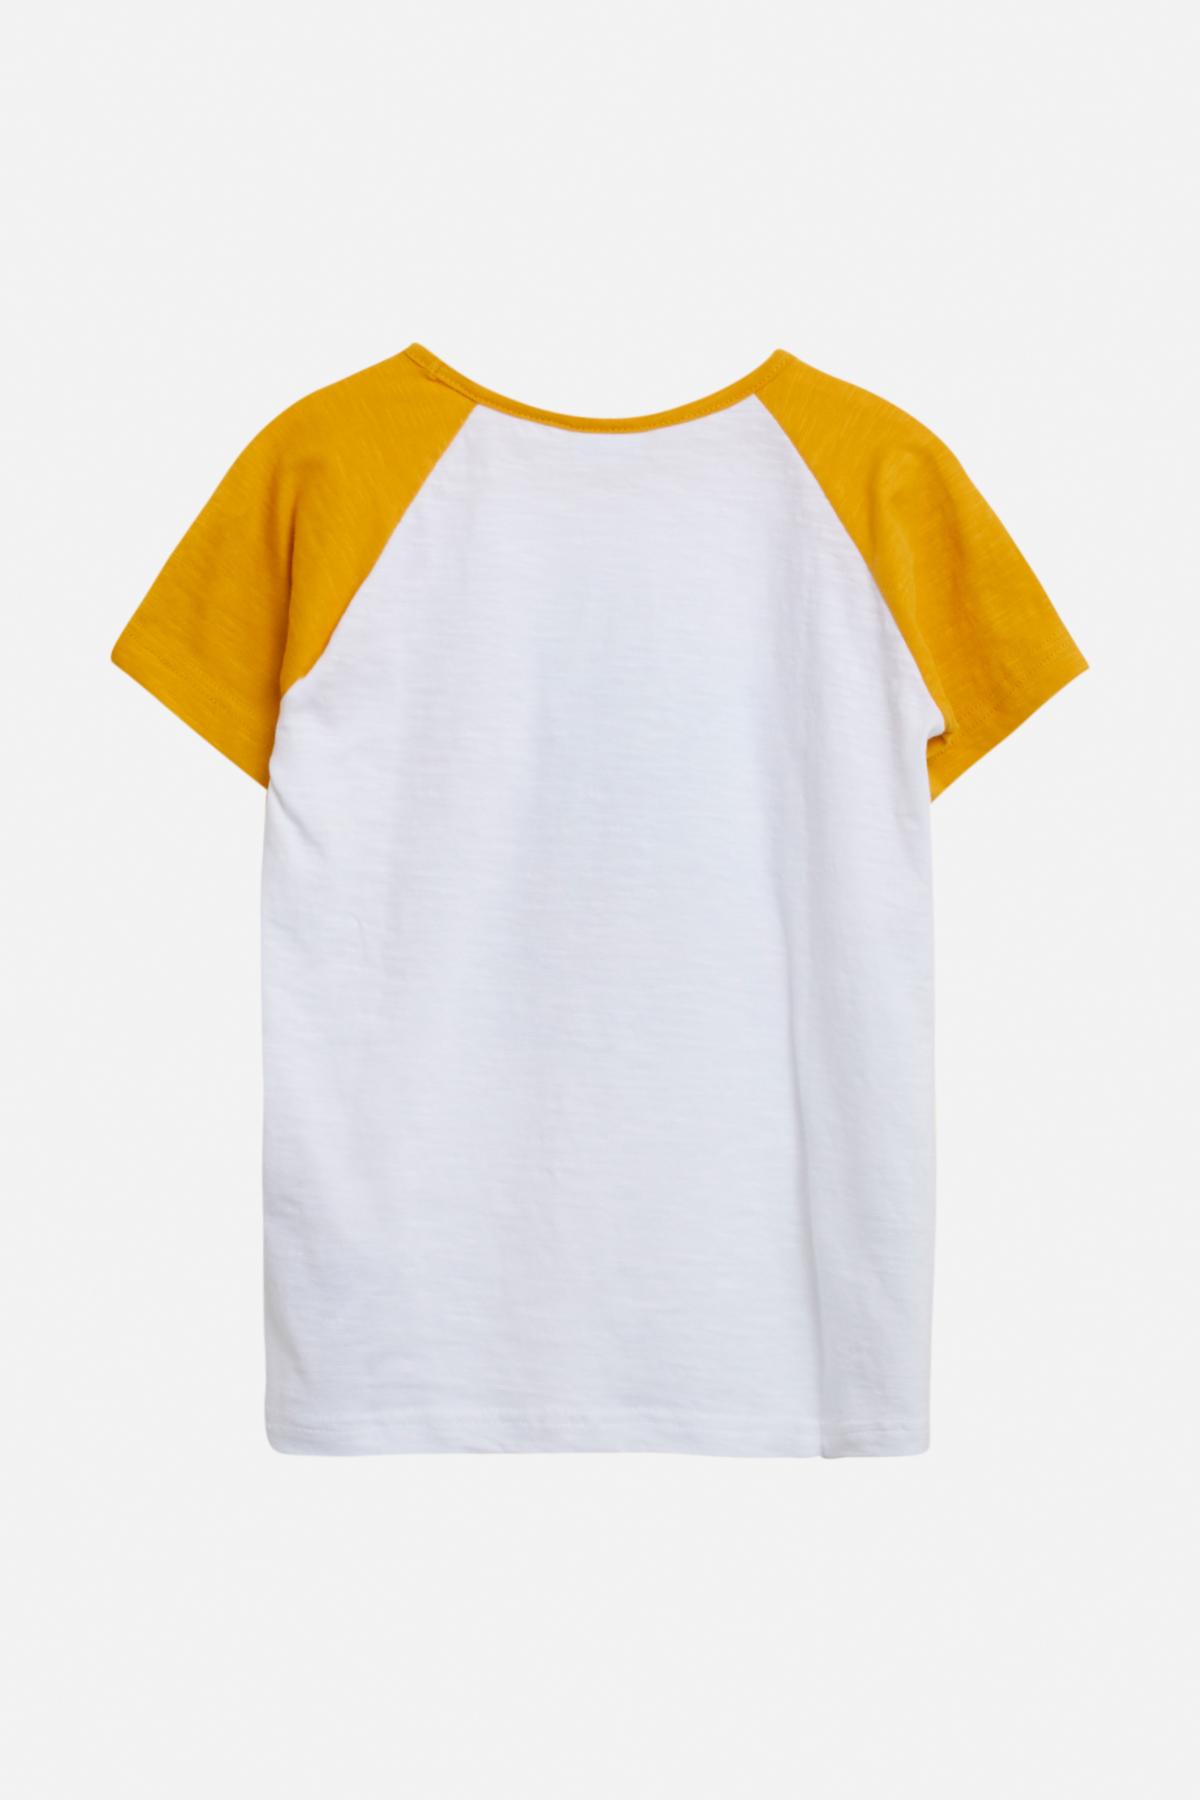 Boy - Atlas - T-shirt S/S